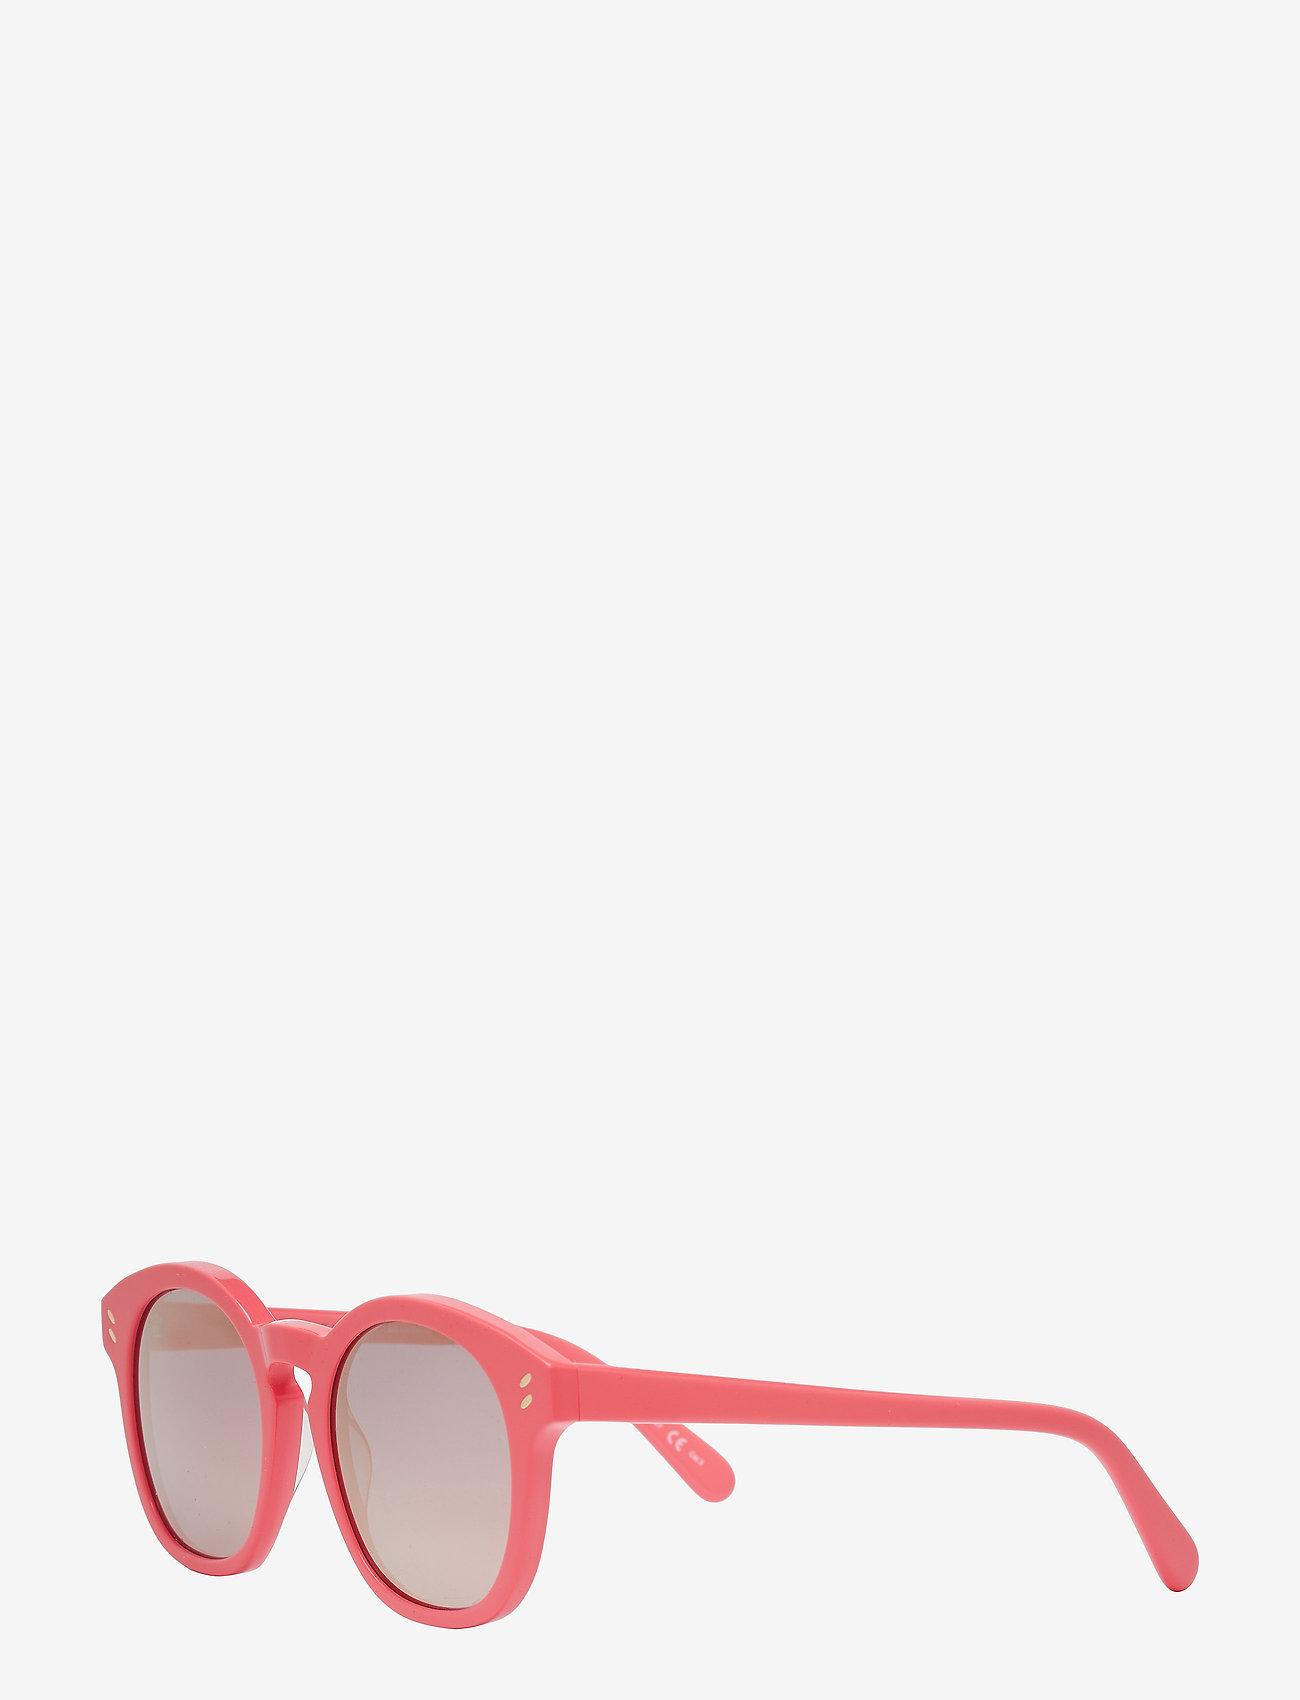 Stella McCartney Eyewear - SC0013S - round frame - pink-pink-pink - 1